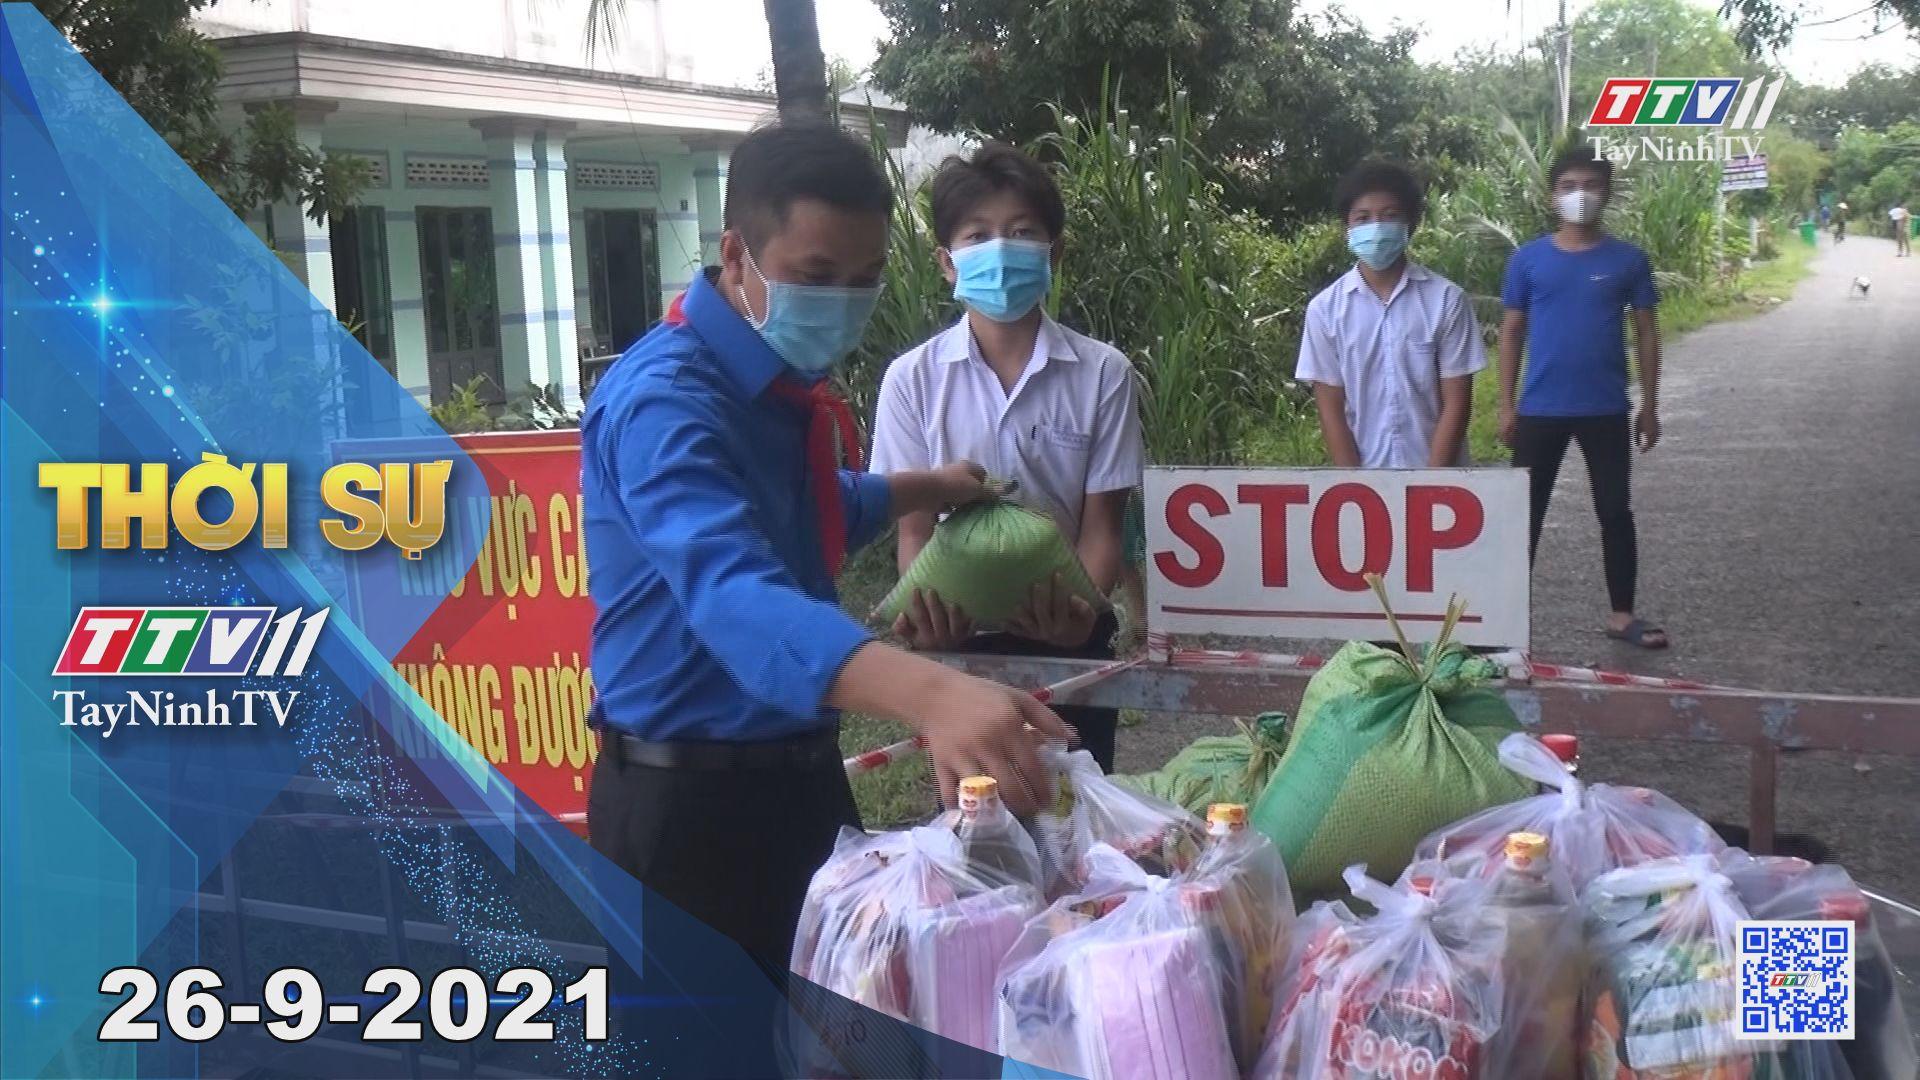 Thời sự Tây Ninh 26/9/2021 | Tin tức hôm nay | TayNinhTV